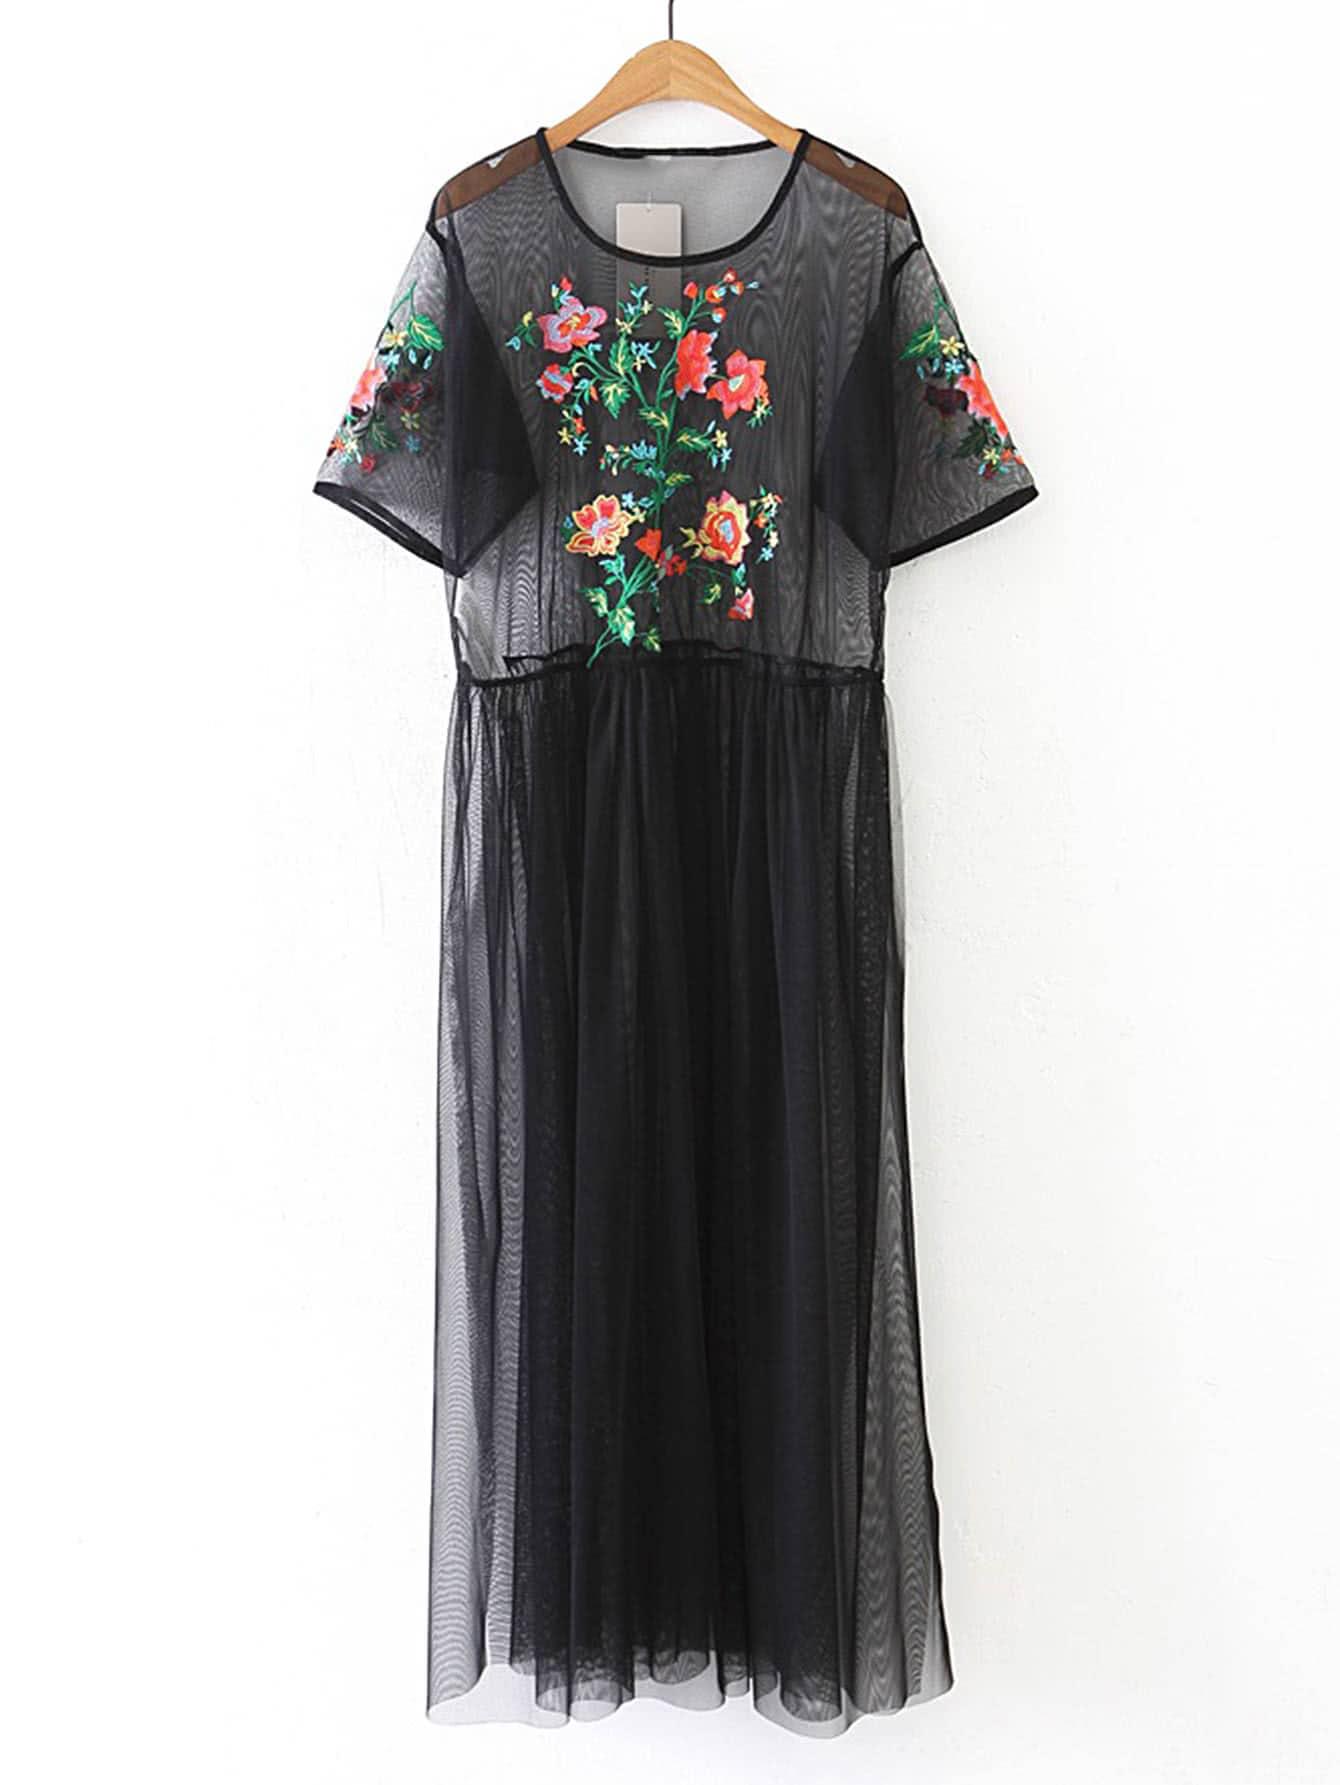 Фото Flower Embroidery Sheer Mesh Dress. Купить с доставкой